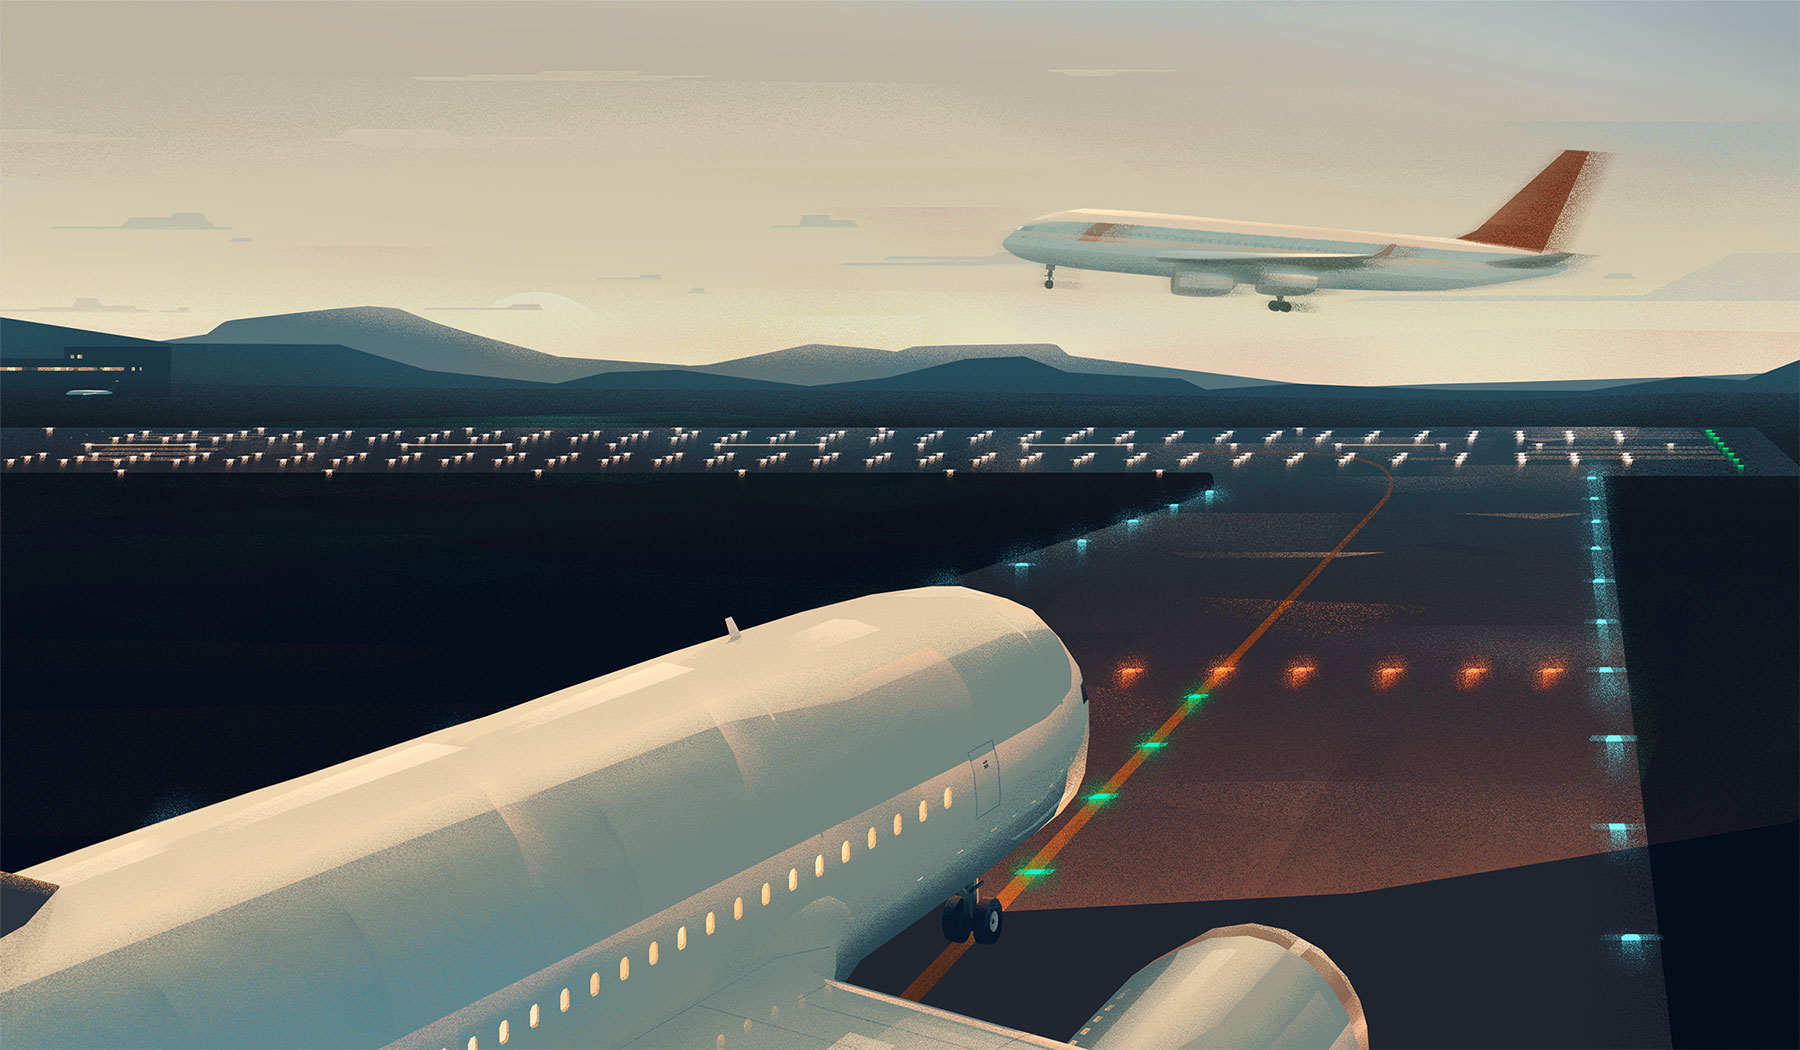 Αποτέλεσμα εικόνας για ADB SAFEGATE transforms the runway at Goma International Airport